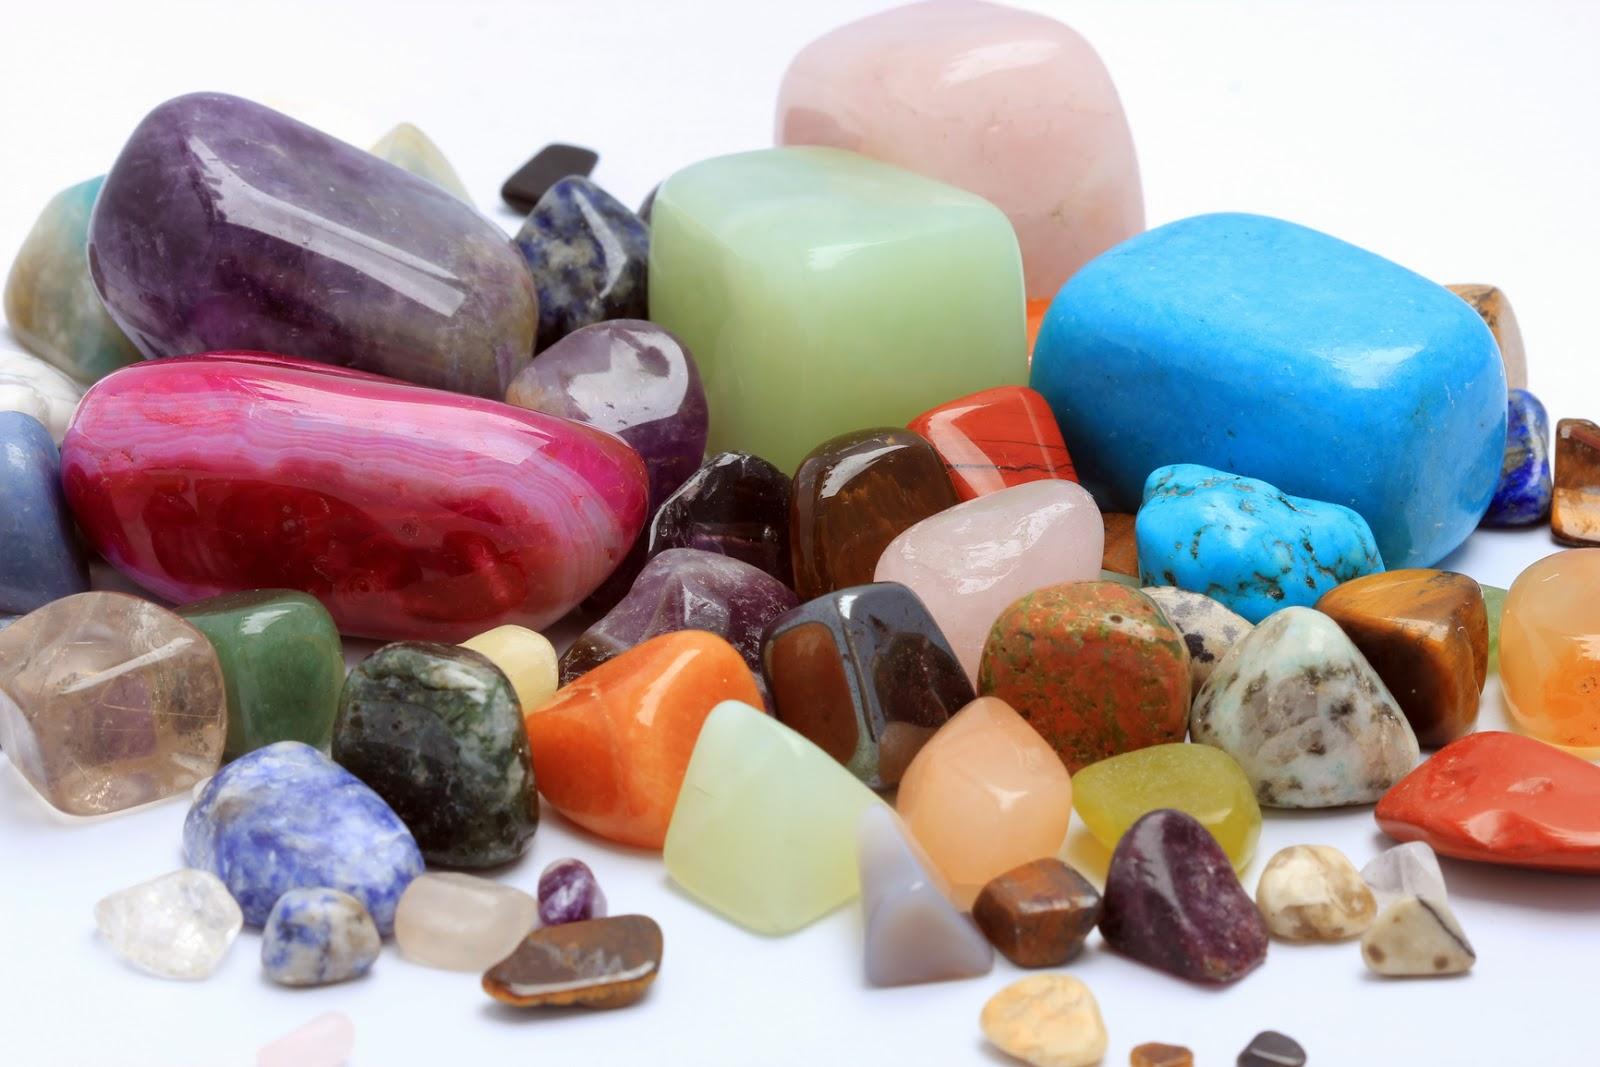 527a32287 Všechny polodrahokamy a minerály lze naprogramovat tak, aby podpořily svou  energií váš záměr či přání